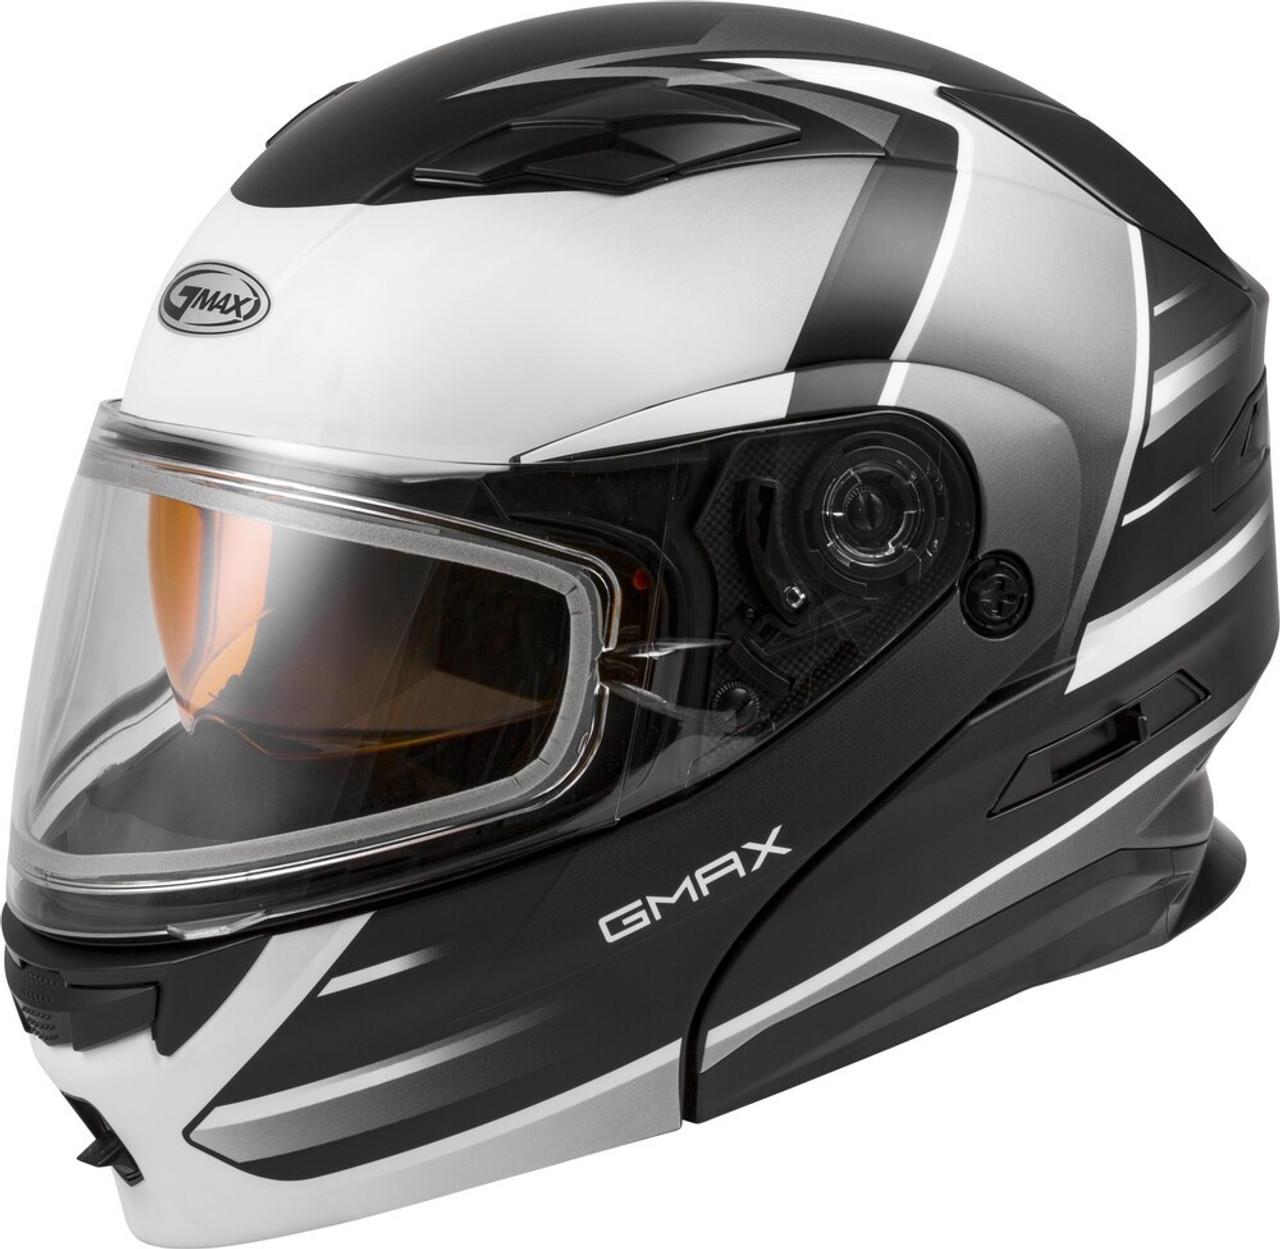 GMAX MD-01S Modular Snow Helmet Descendant Matte Black/White